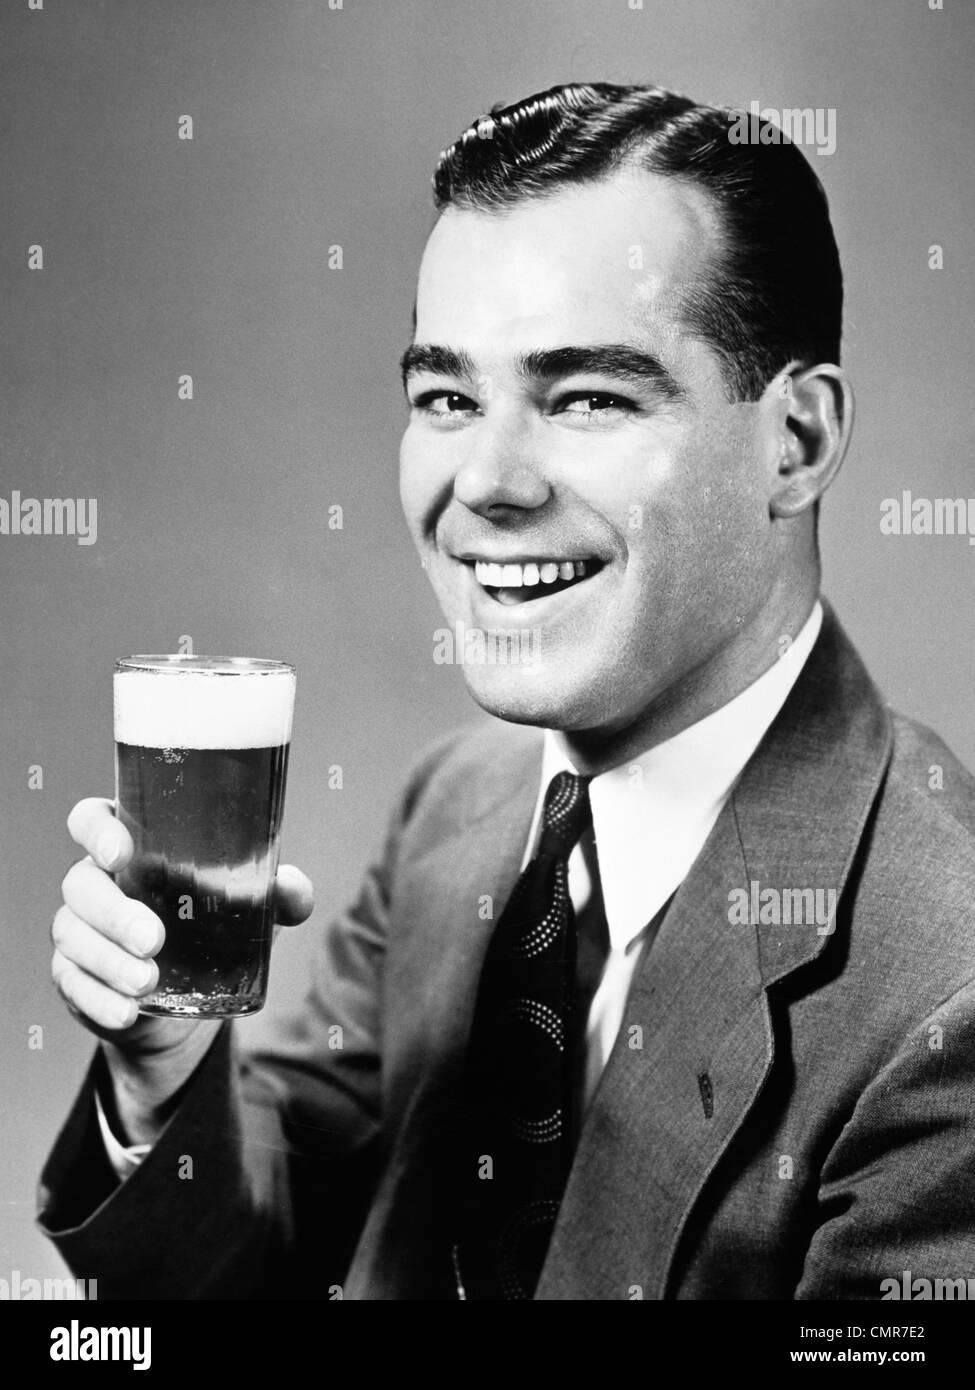 1940 El hombre sonriente sosteniendo un vaso de cerveza Imagen De Stock